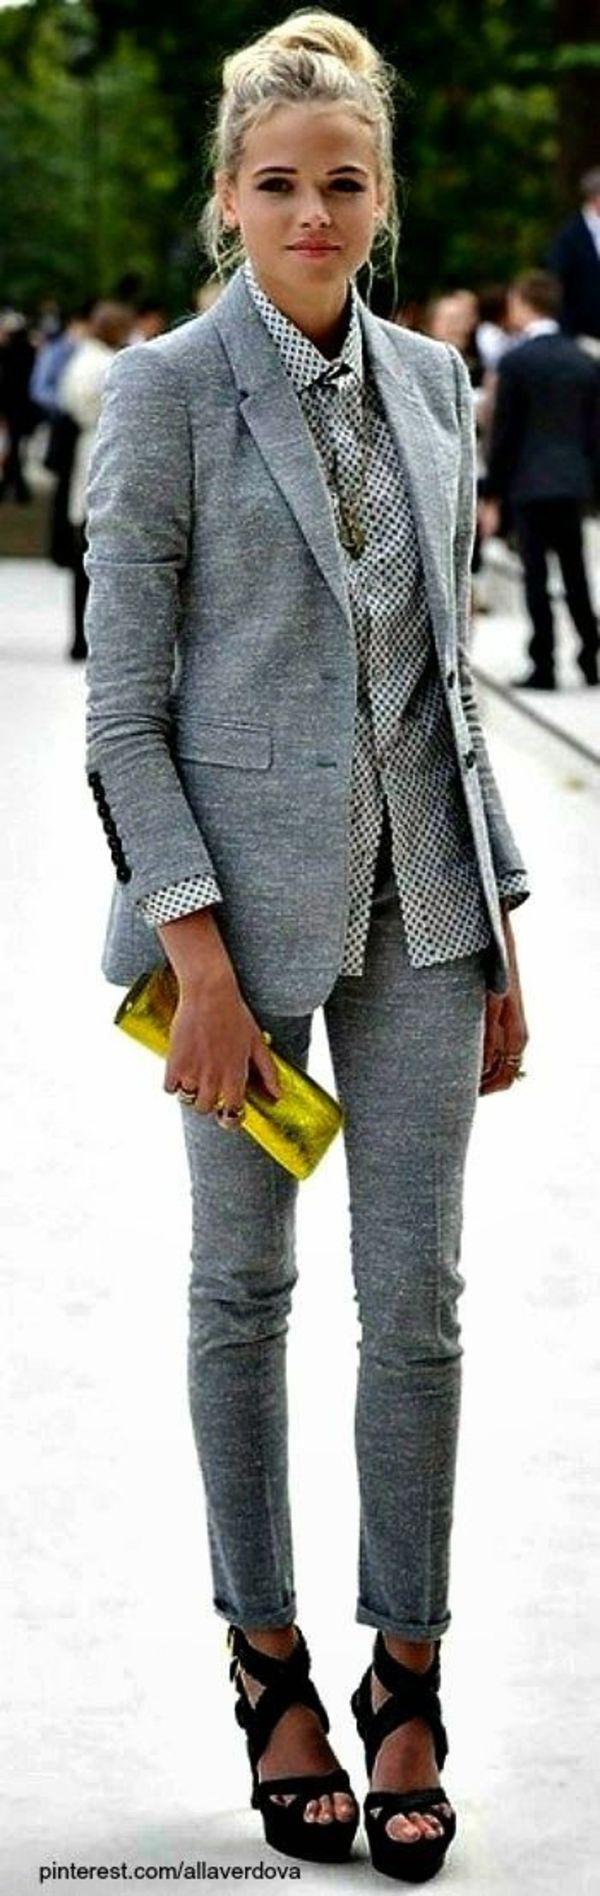 細身パンツをロールアップしてモード感を出す♪ おすすめのパンツスーツコーデ。人気のトレンドファッションの参考一覧。